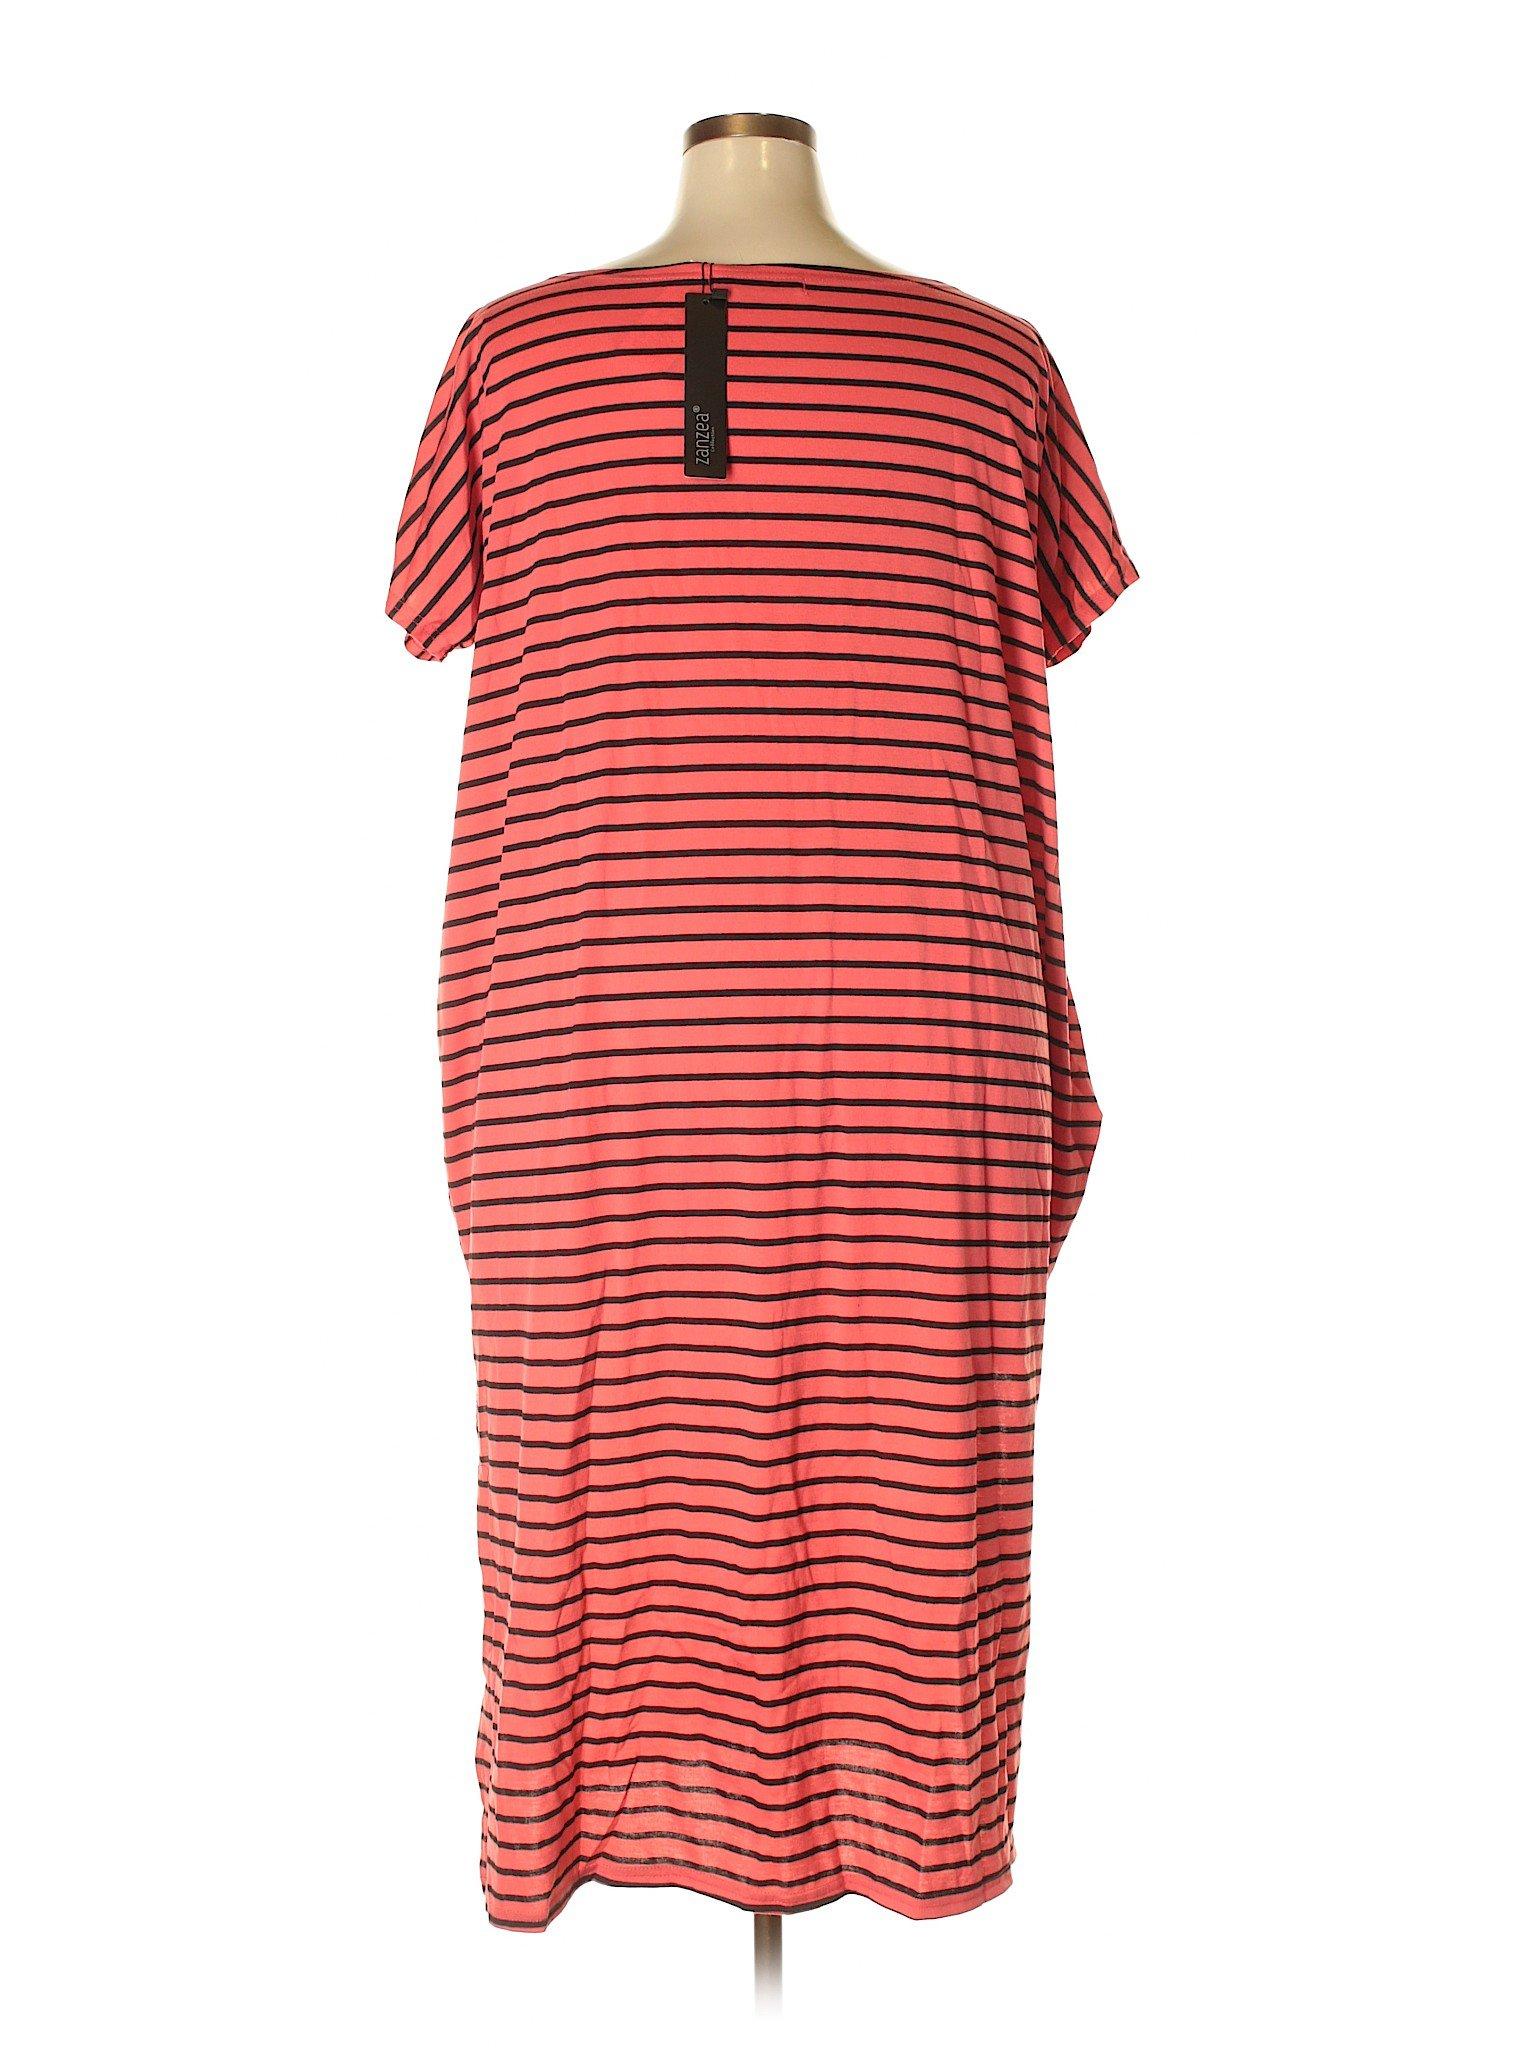 winter Collection Dress Casual Zanzea Boutique 6wd4A6